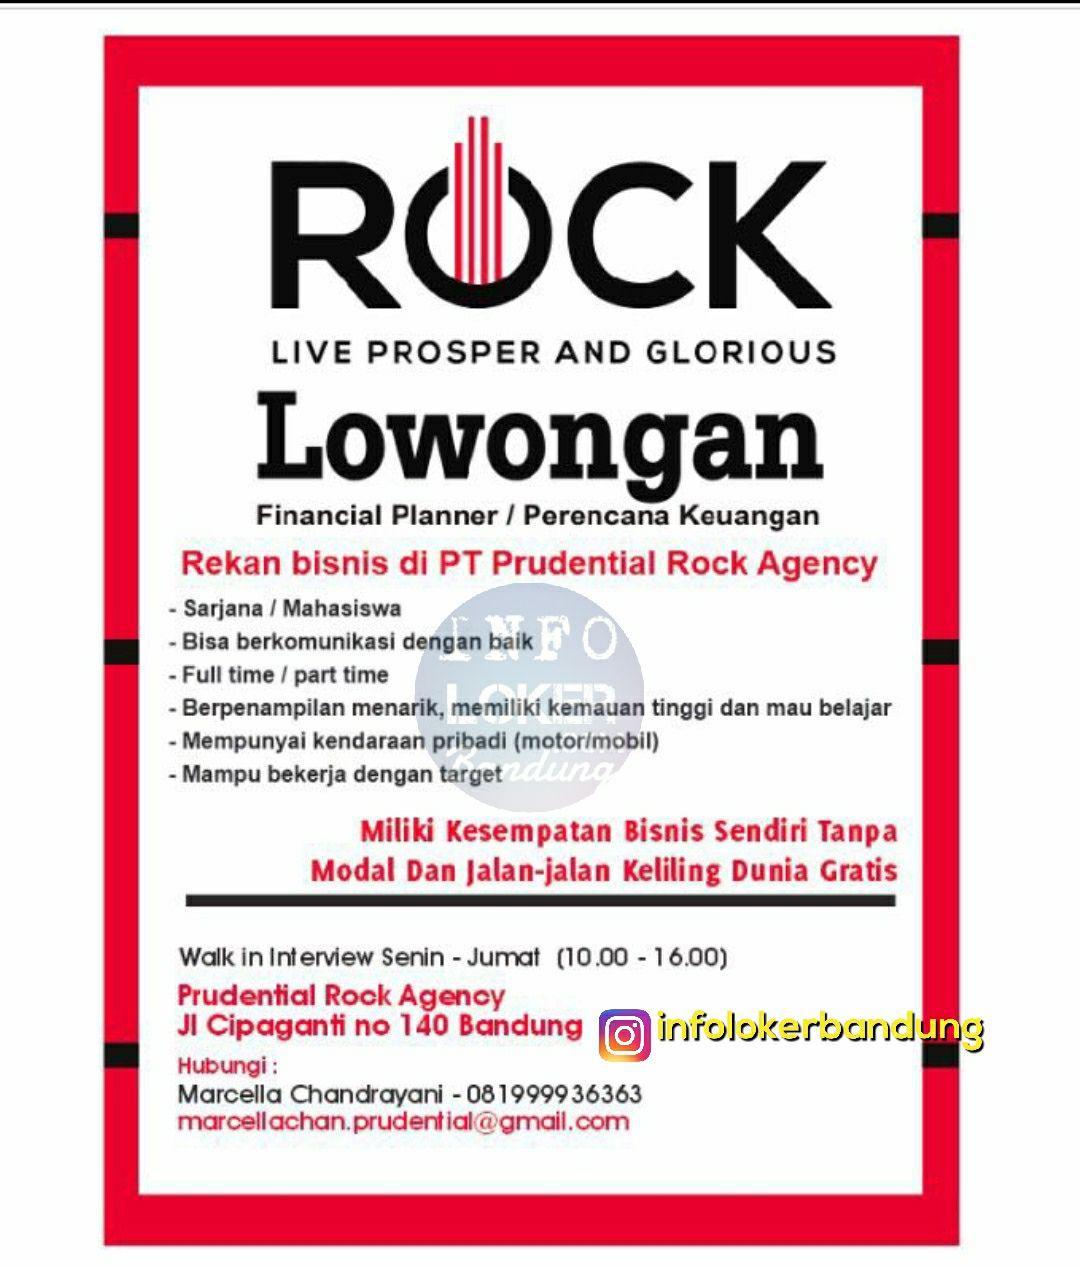 Lowongan Kerja PT. Prudential Rock Agency Bandung November 2017